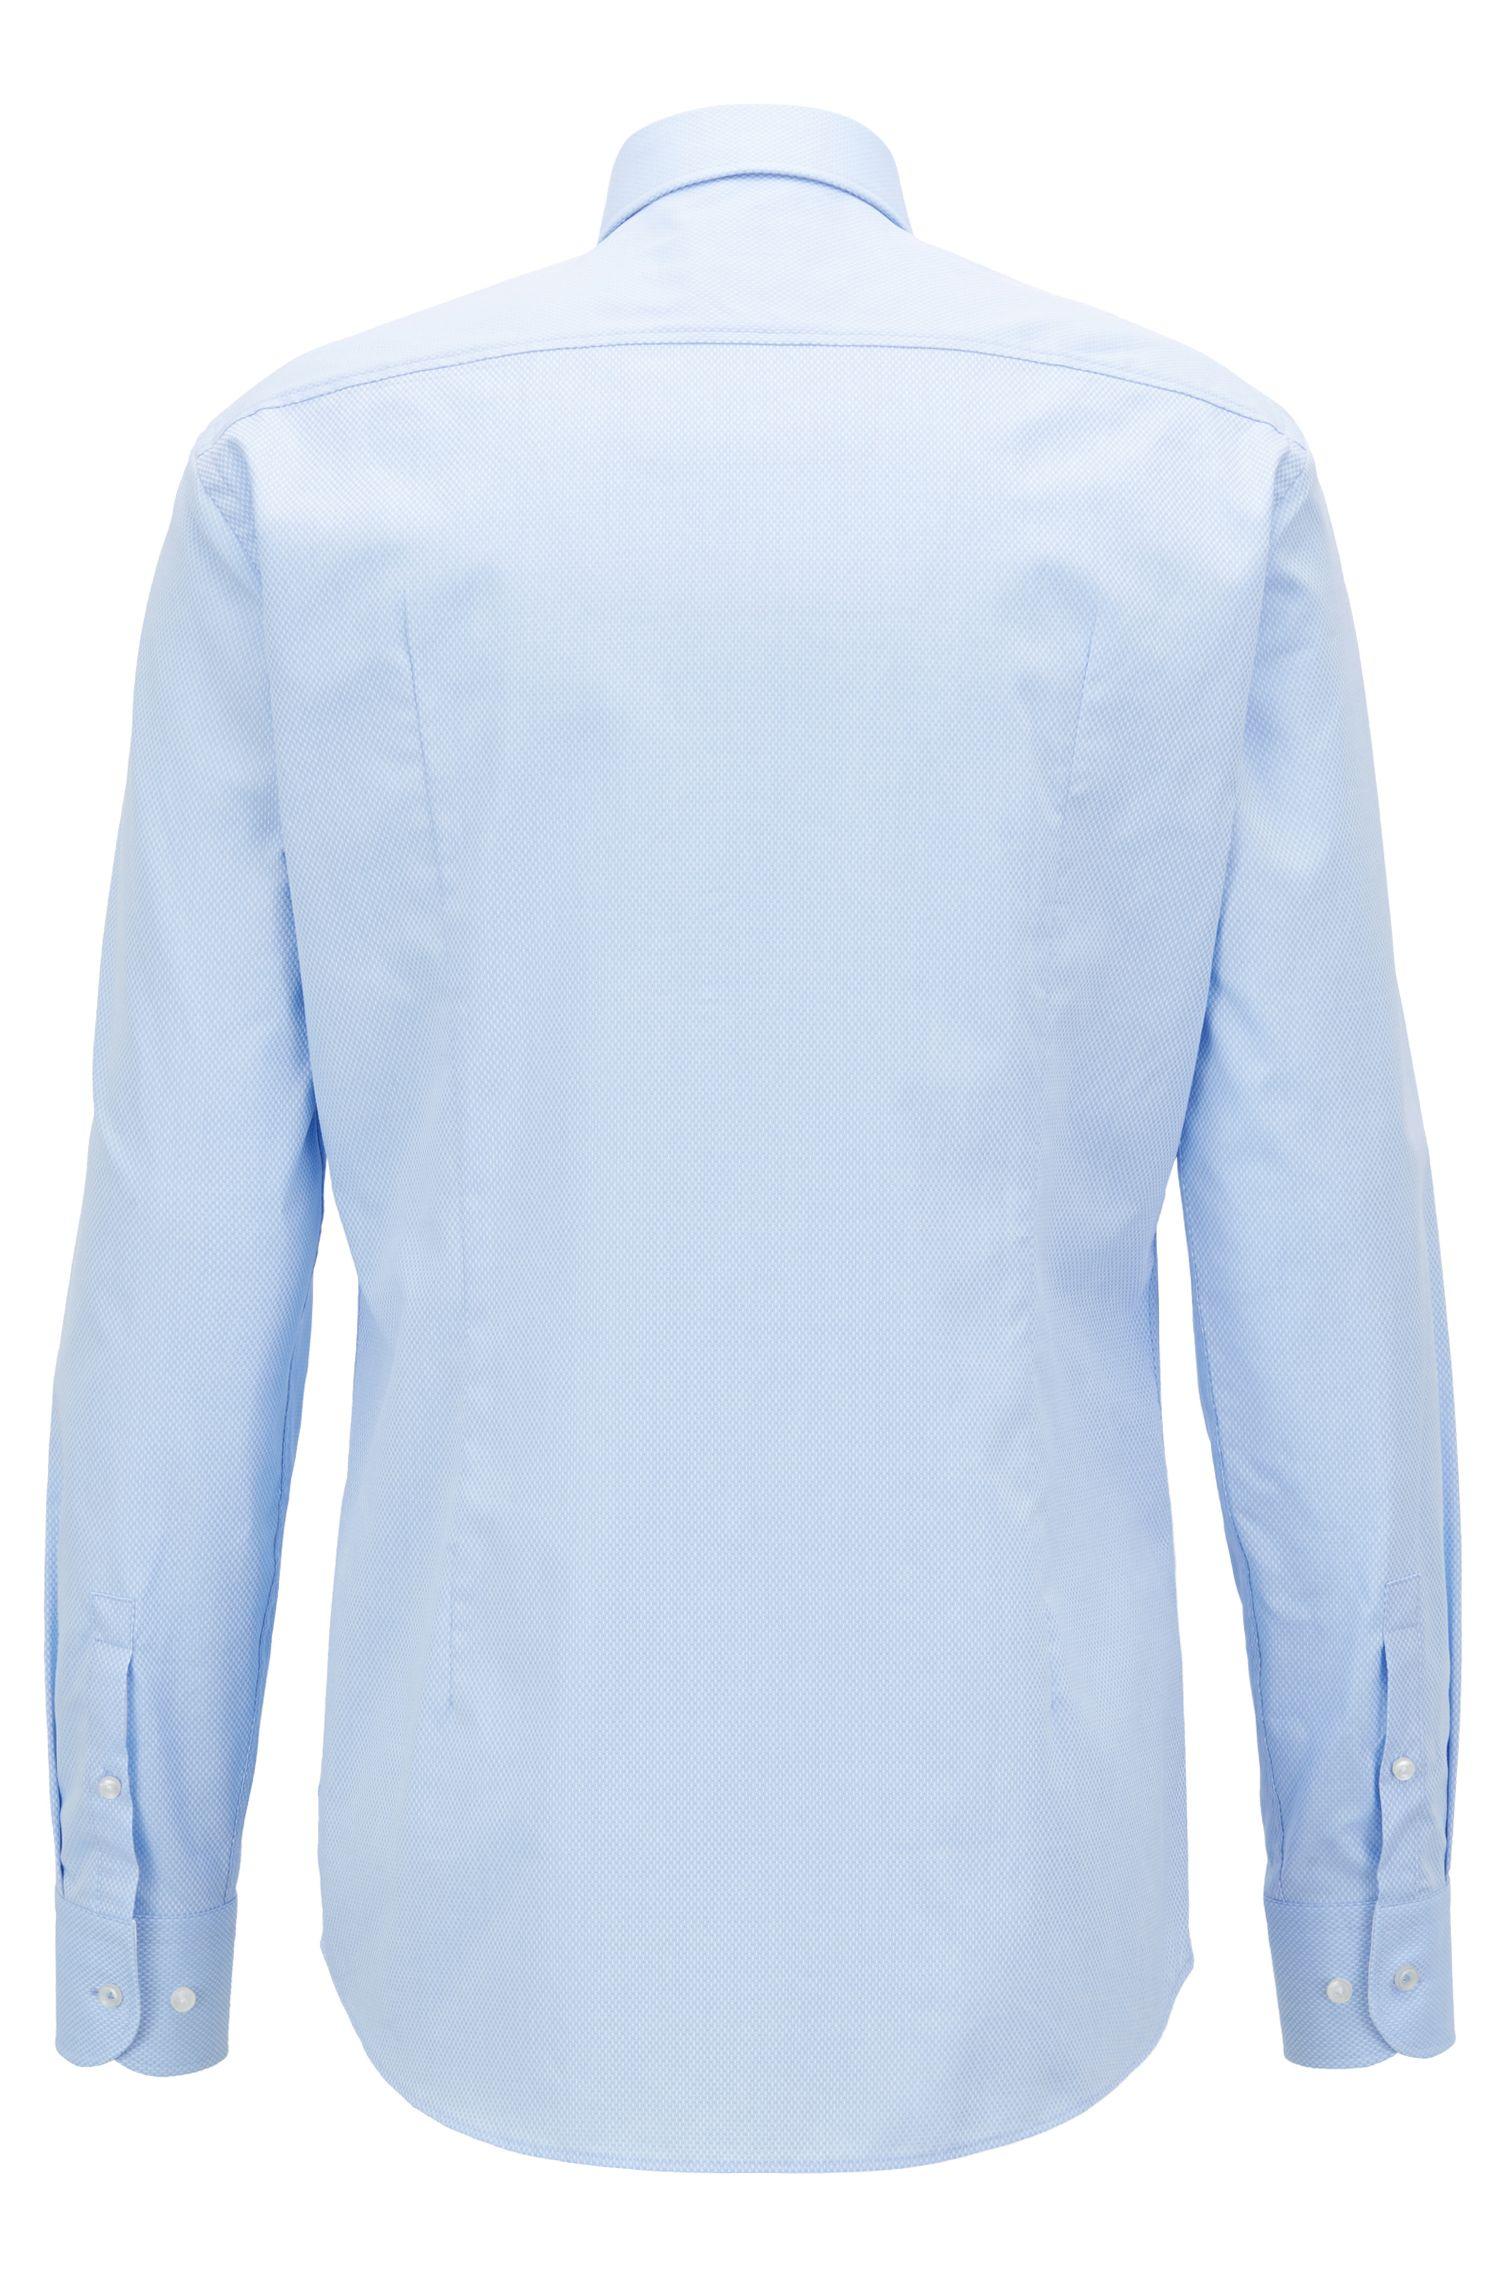 Slim-Fit Hemd aus dezent strukturierter Baumwolle, Hellblau